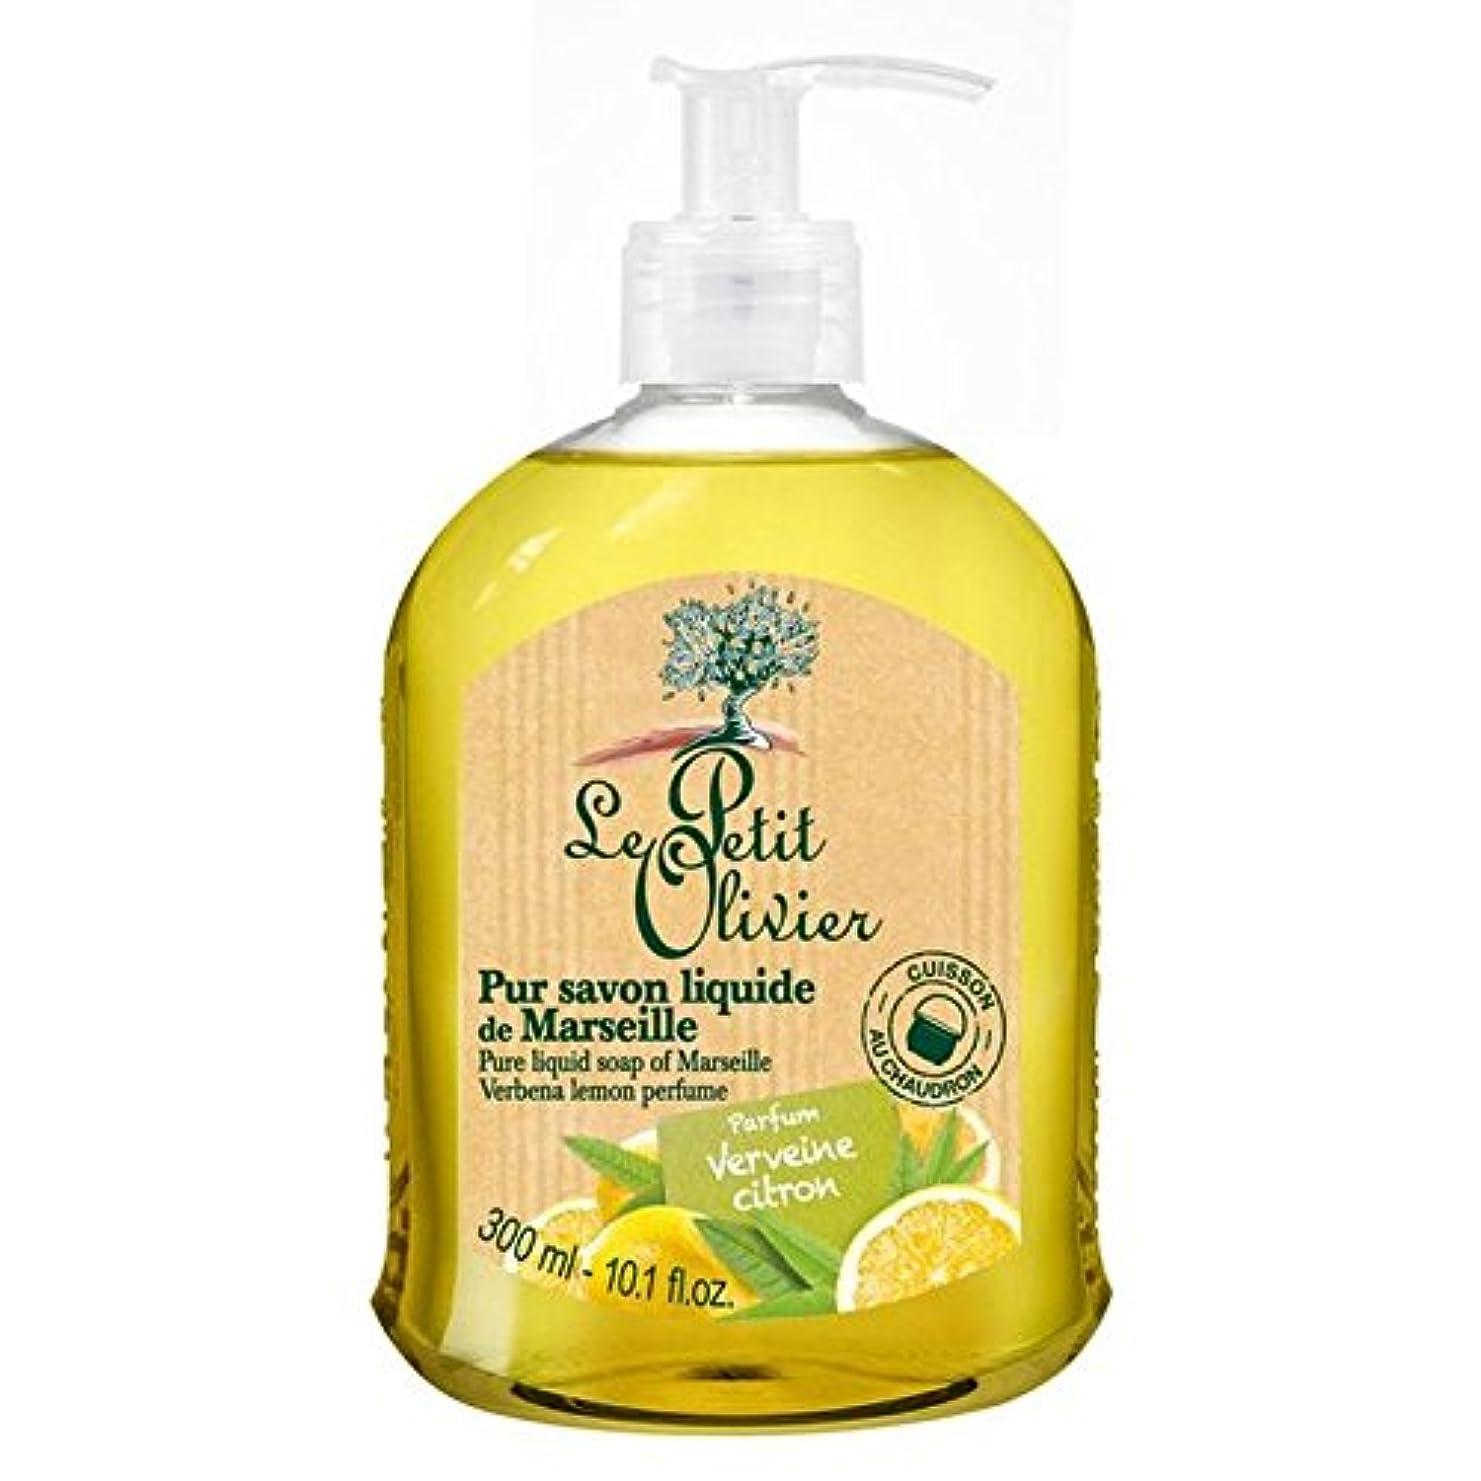 震え岸気分が良いLe Petit Olivier Pure Liquid Soap of Marseille, Verbena Lemon 300ml - マルセイユのル?プティ?オリヴィエ純粋な液体石鹸、バーベナレモン300ミリリットル...